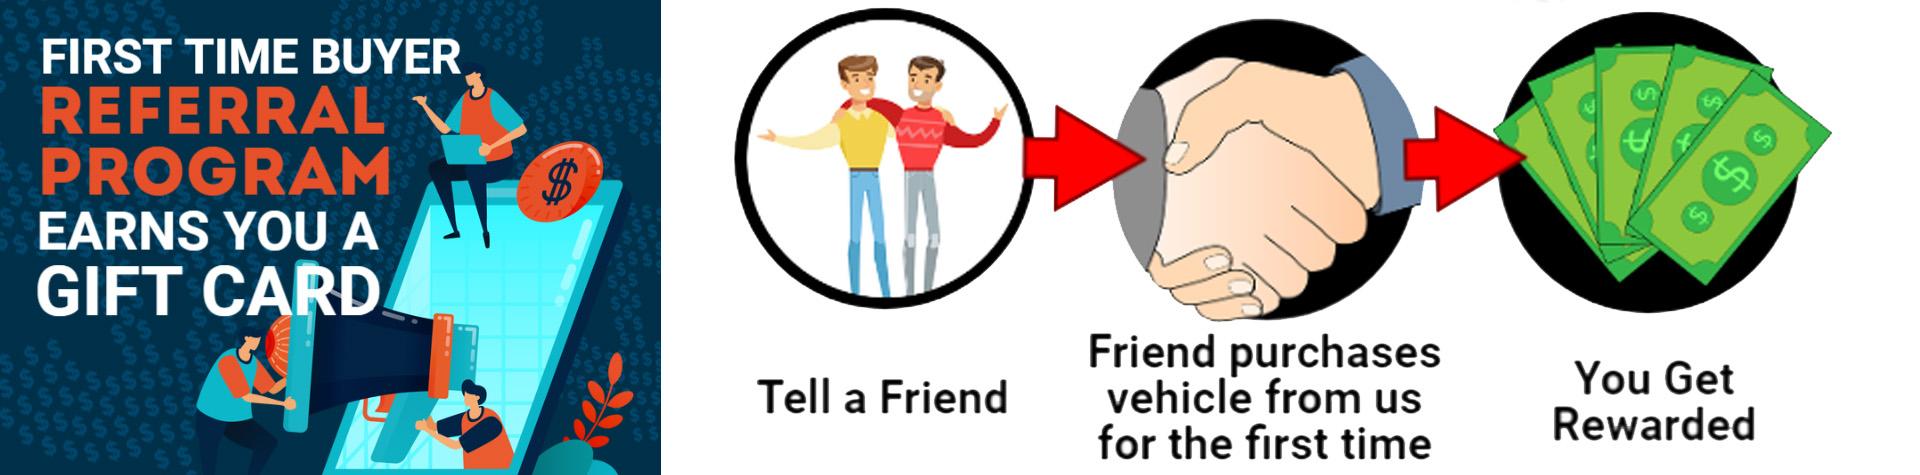 Refer a Friend Get rewarded